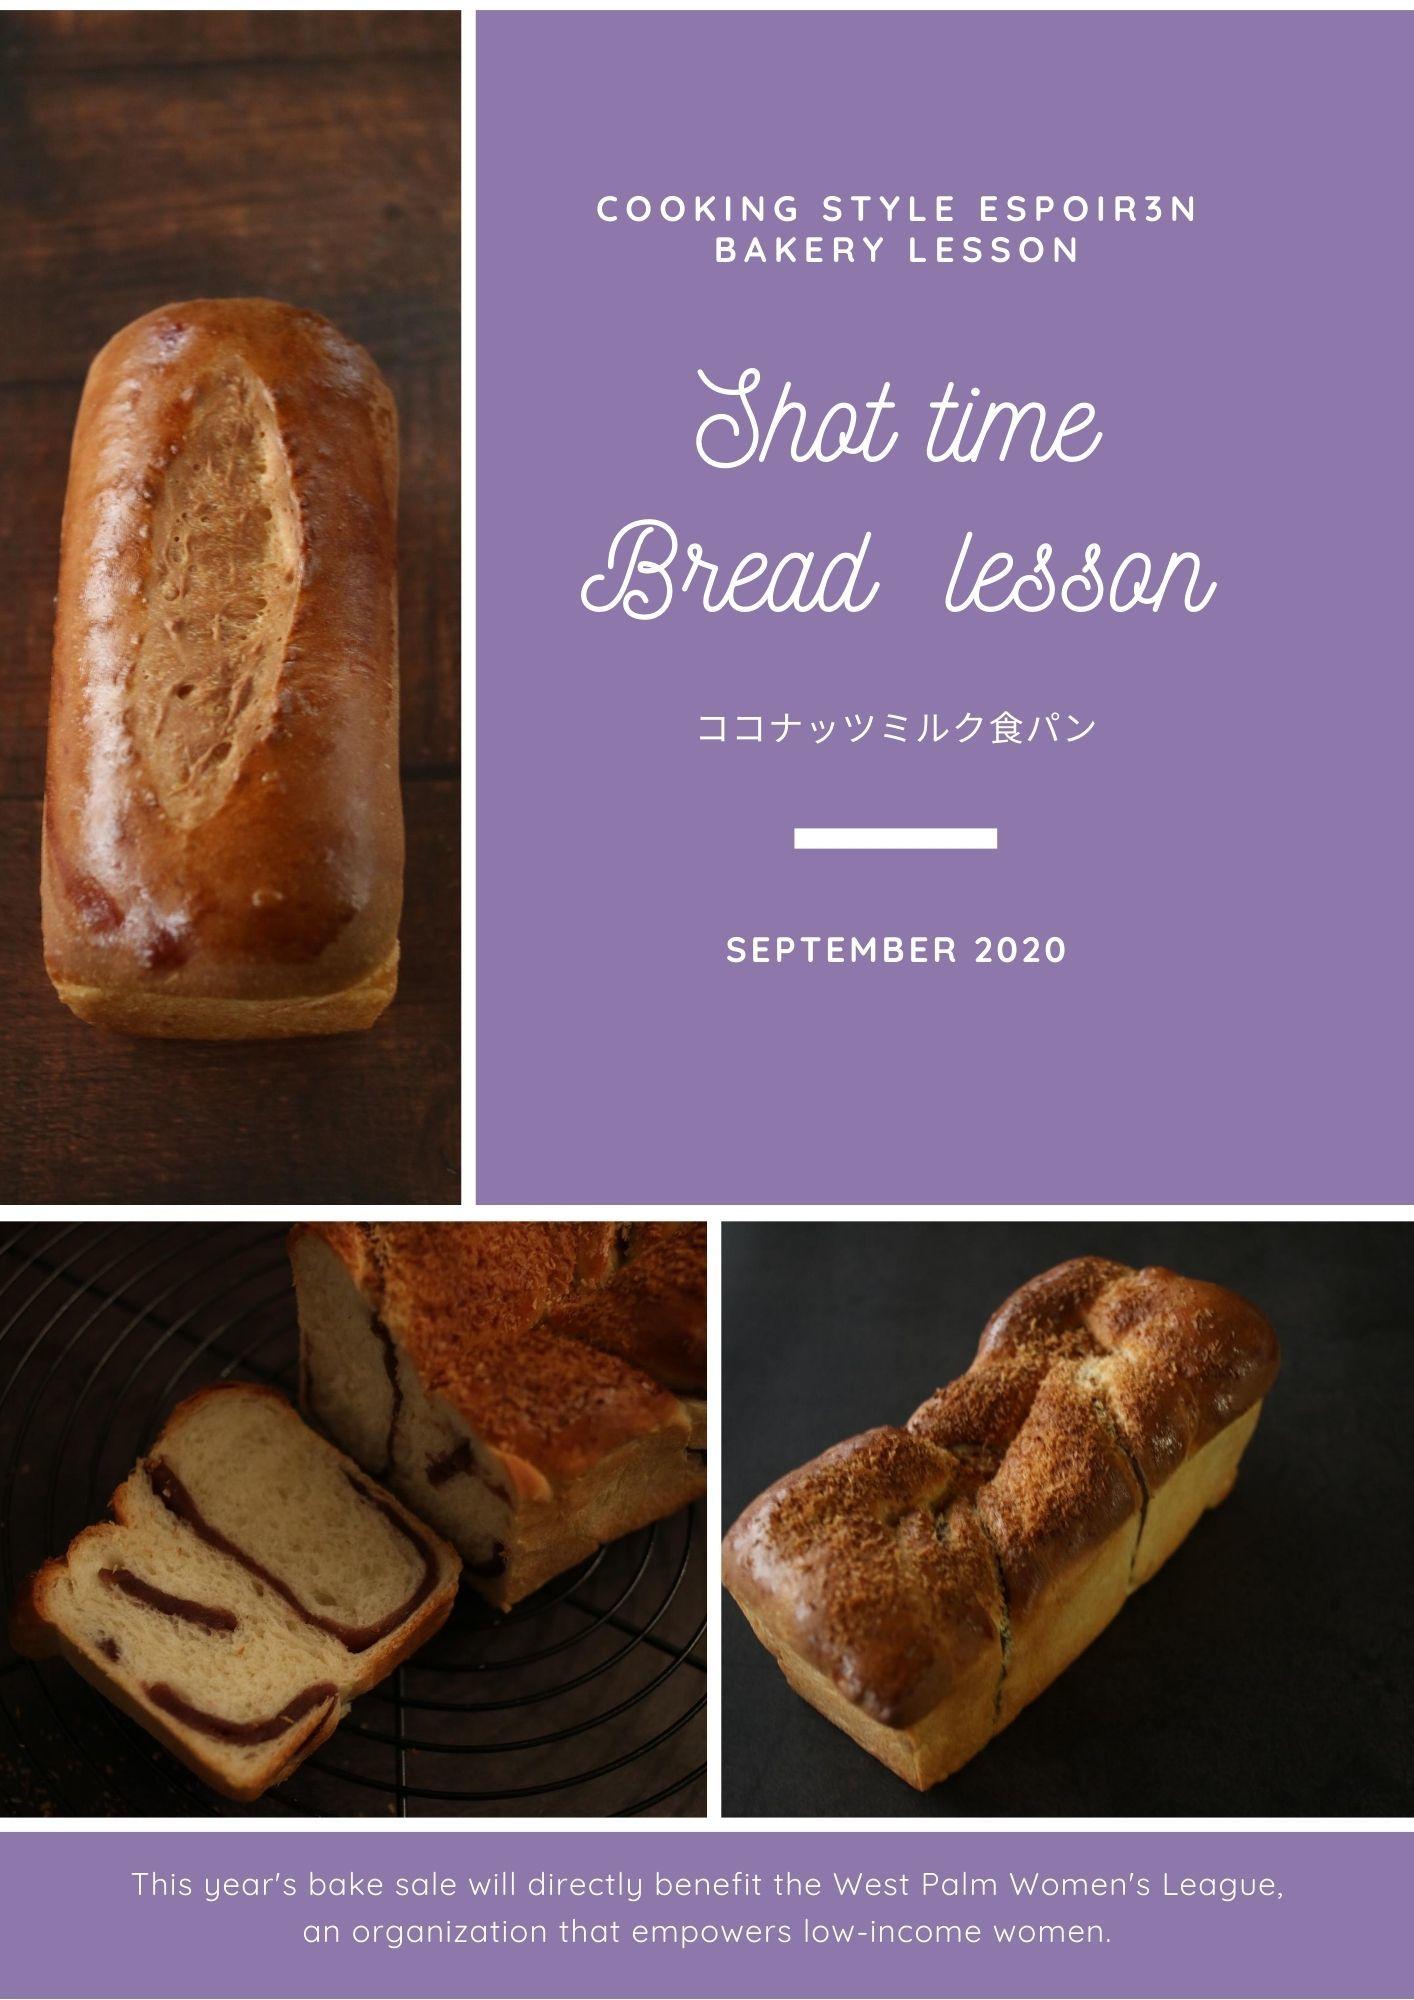 ふわふわ甘い香りのココナッツミルク食パン、短時間レッスン!_c0162653_16133522.jpg